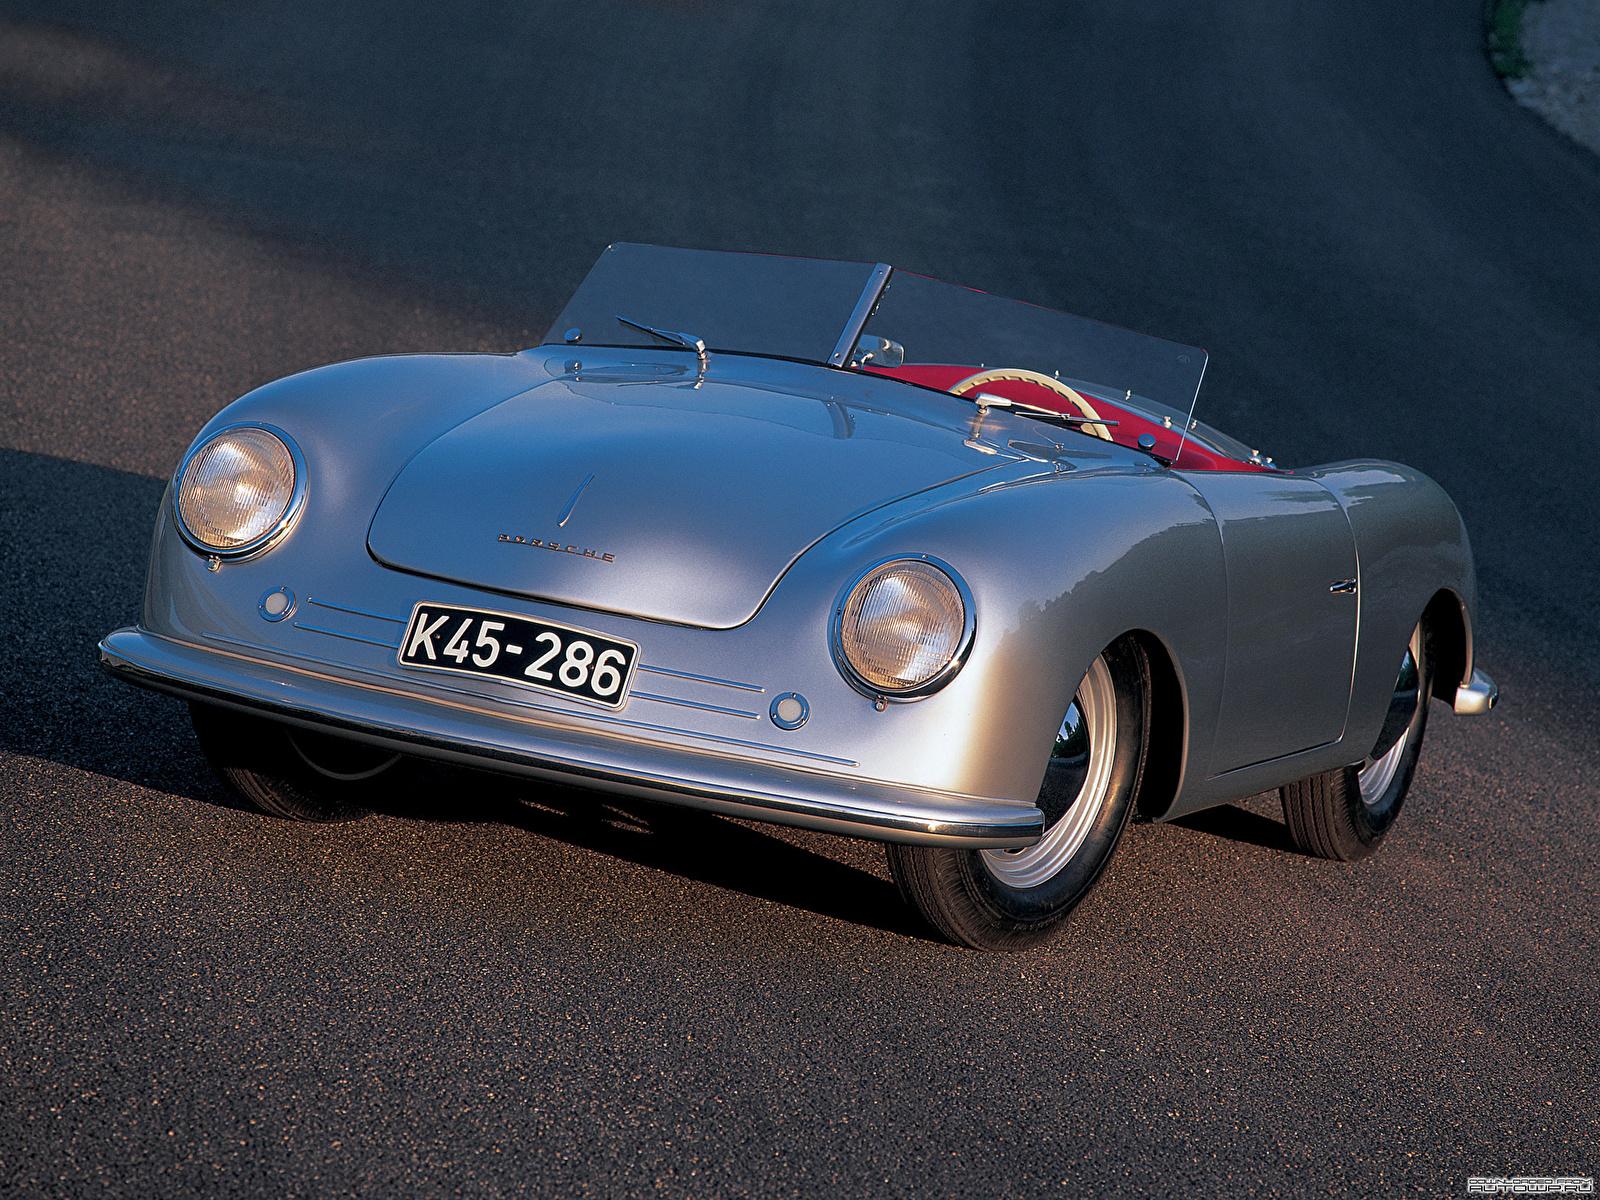 Фото Porsche 356 Roadster №1 1948 Родстер Автомобили 1600x1200 Порше авто машина машины автомобиль